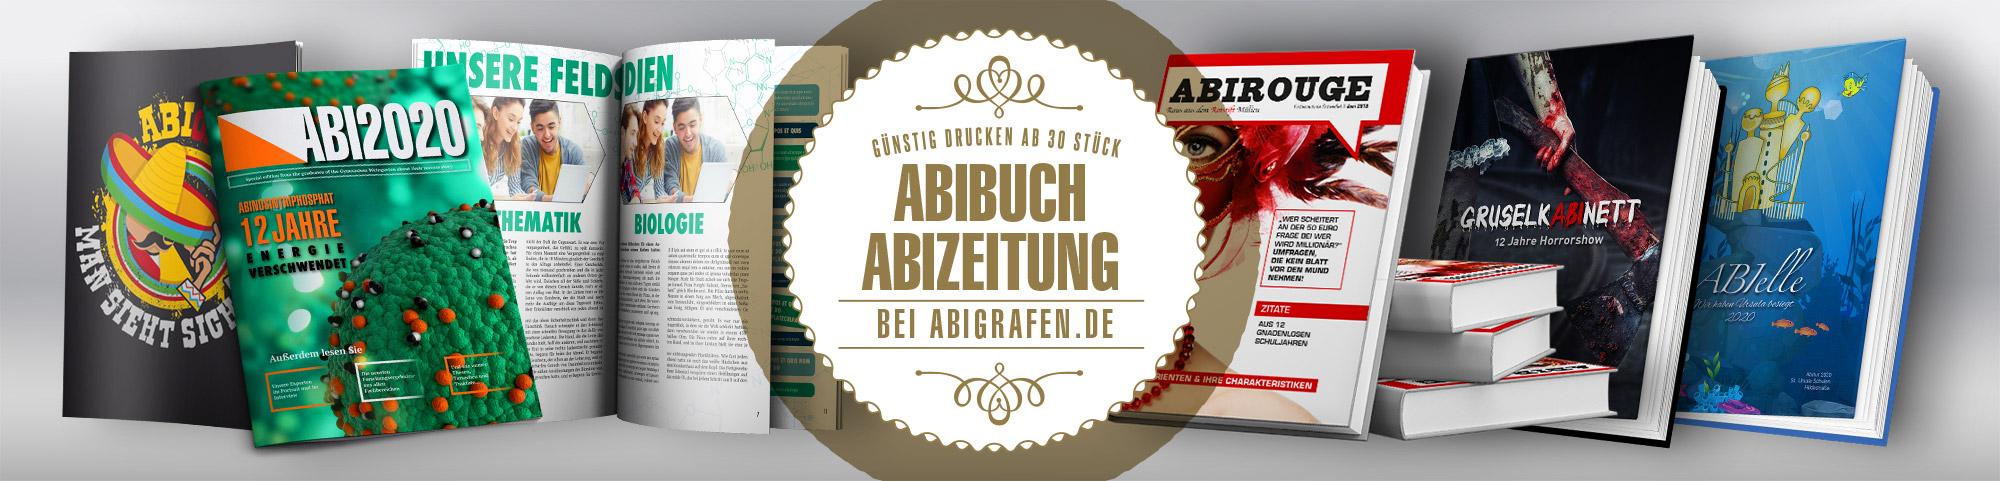 Abibücher/Abizeizungen günstig drucken mit Hardcover oder Softcover ab 30 Stück